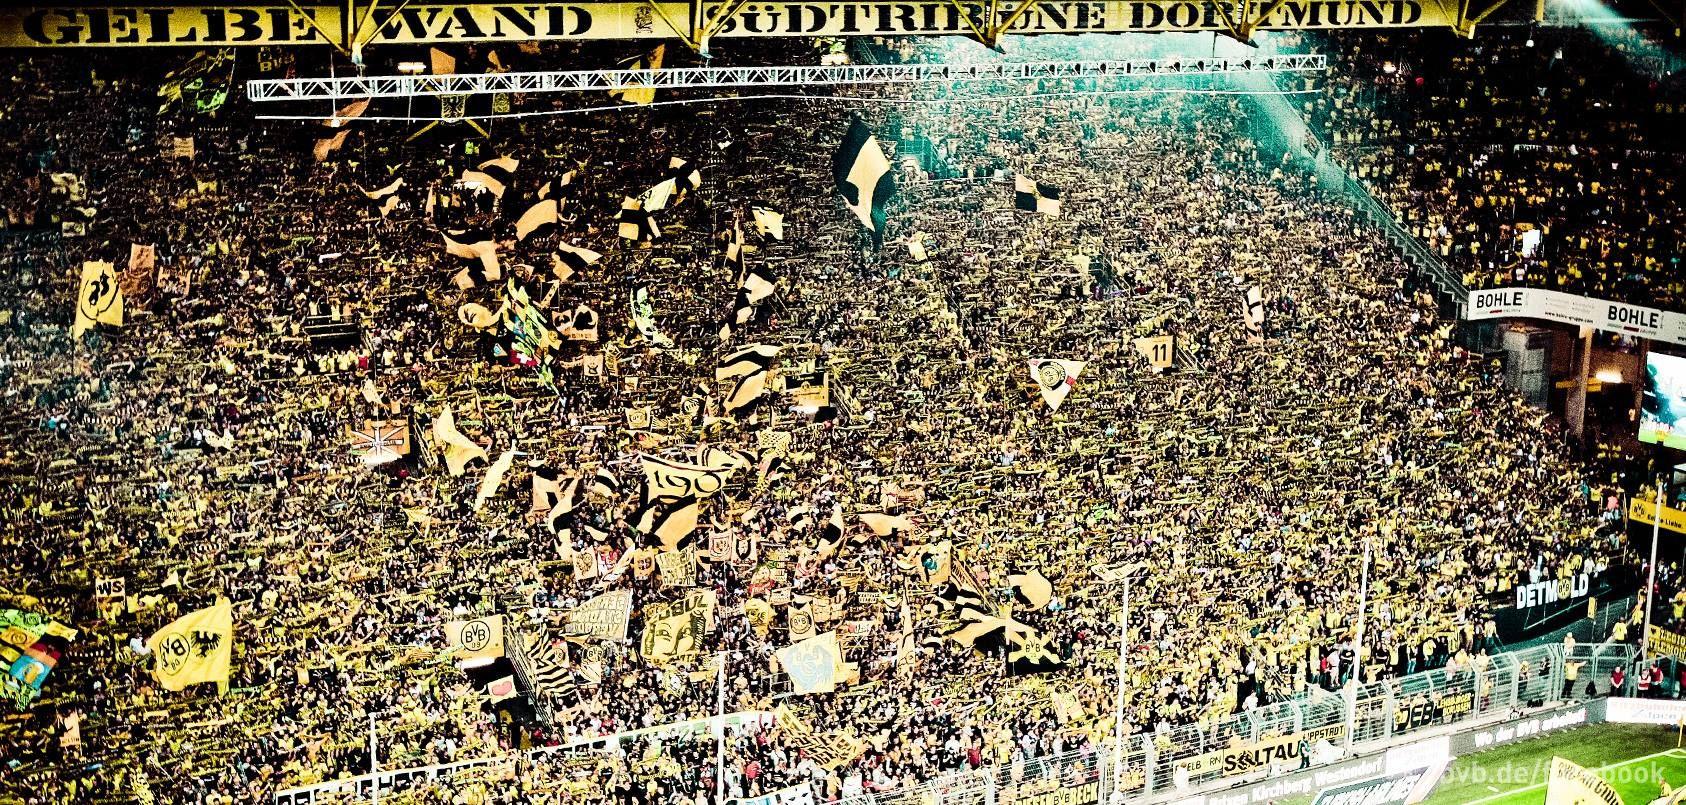 Und wenn du das Spiel gewinnst ganz oben stehst dann steh´n wir hier und sing´ Borussia Borussia BVB ................... .........                                             Und wenn du das Spiel verlierst ganz unten stehst dann steh´n wir hier und sing´ Borussia Borussia BVB  ................... .........                                                Und was auch immer geschieht wir steh´n dir bei bis in den Tod und sing´ für dich für dich Borussia Borussia BVB